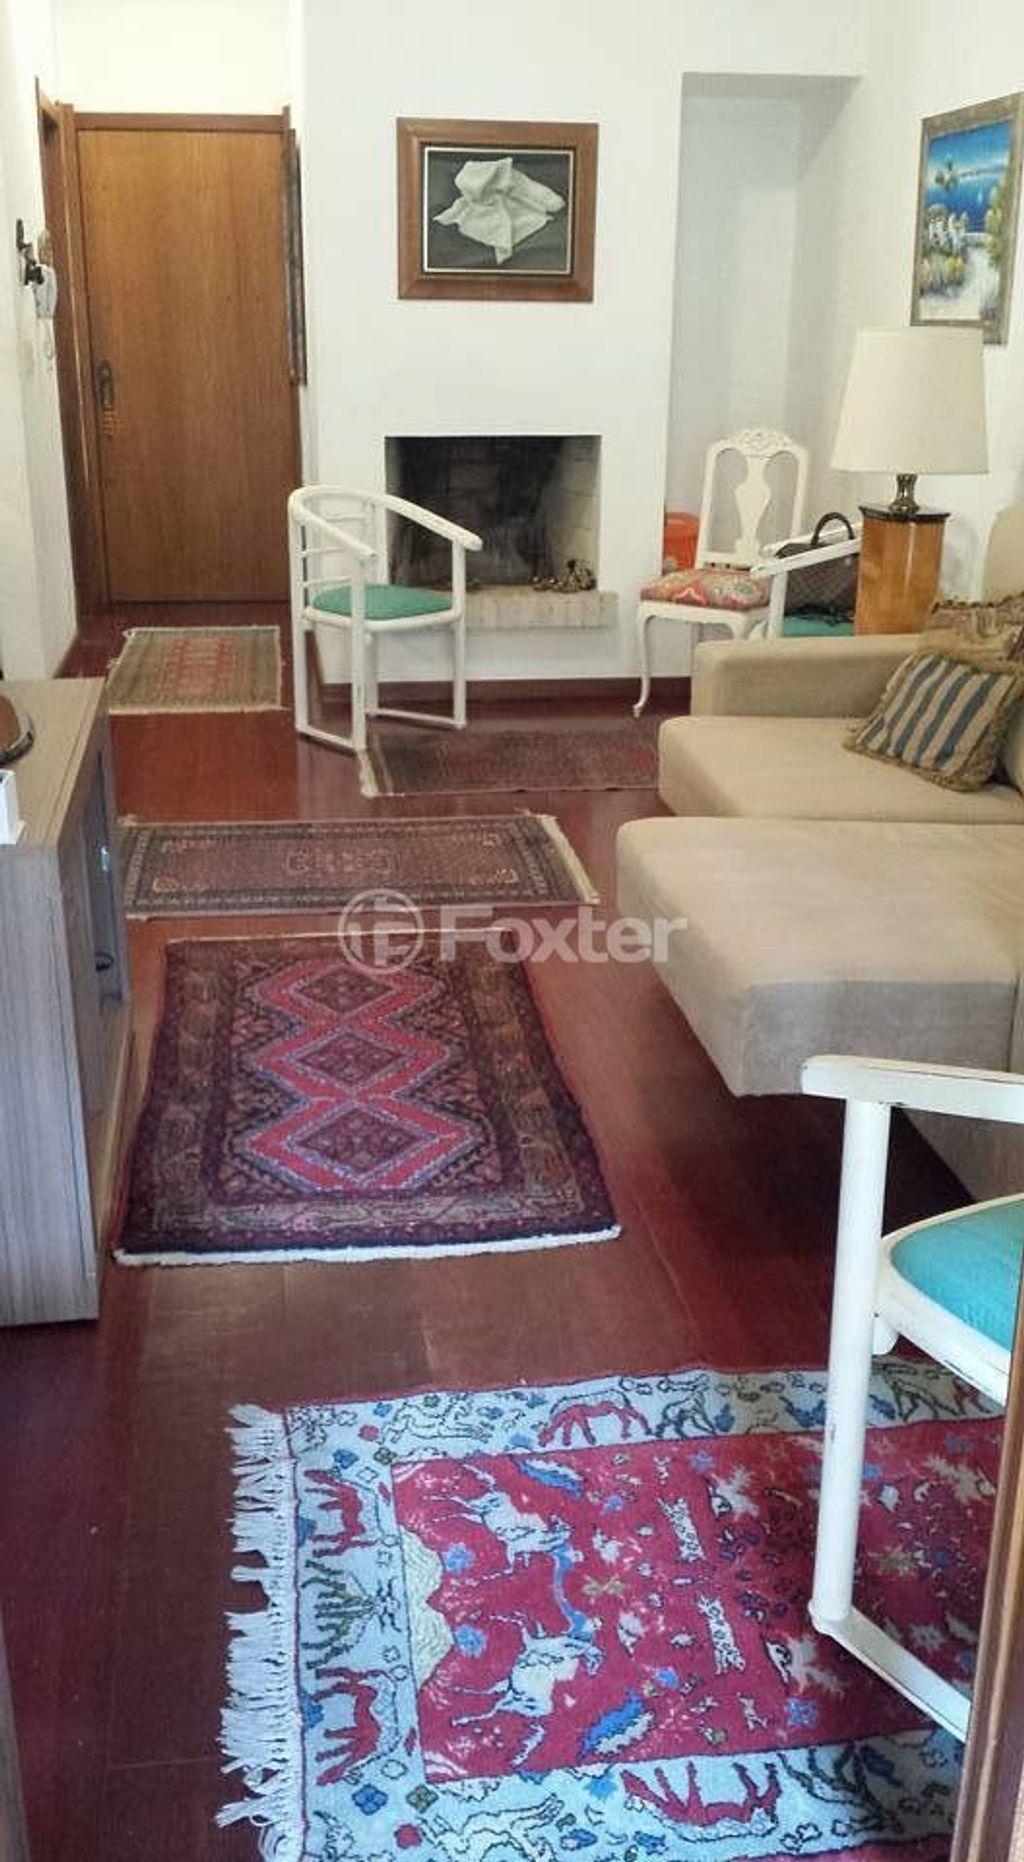 Foxter Imobiliária - Apto 3 Dorm, Petrópolis - Foto 11